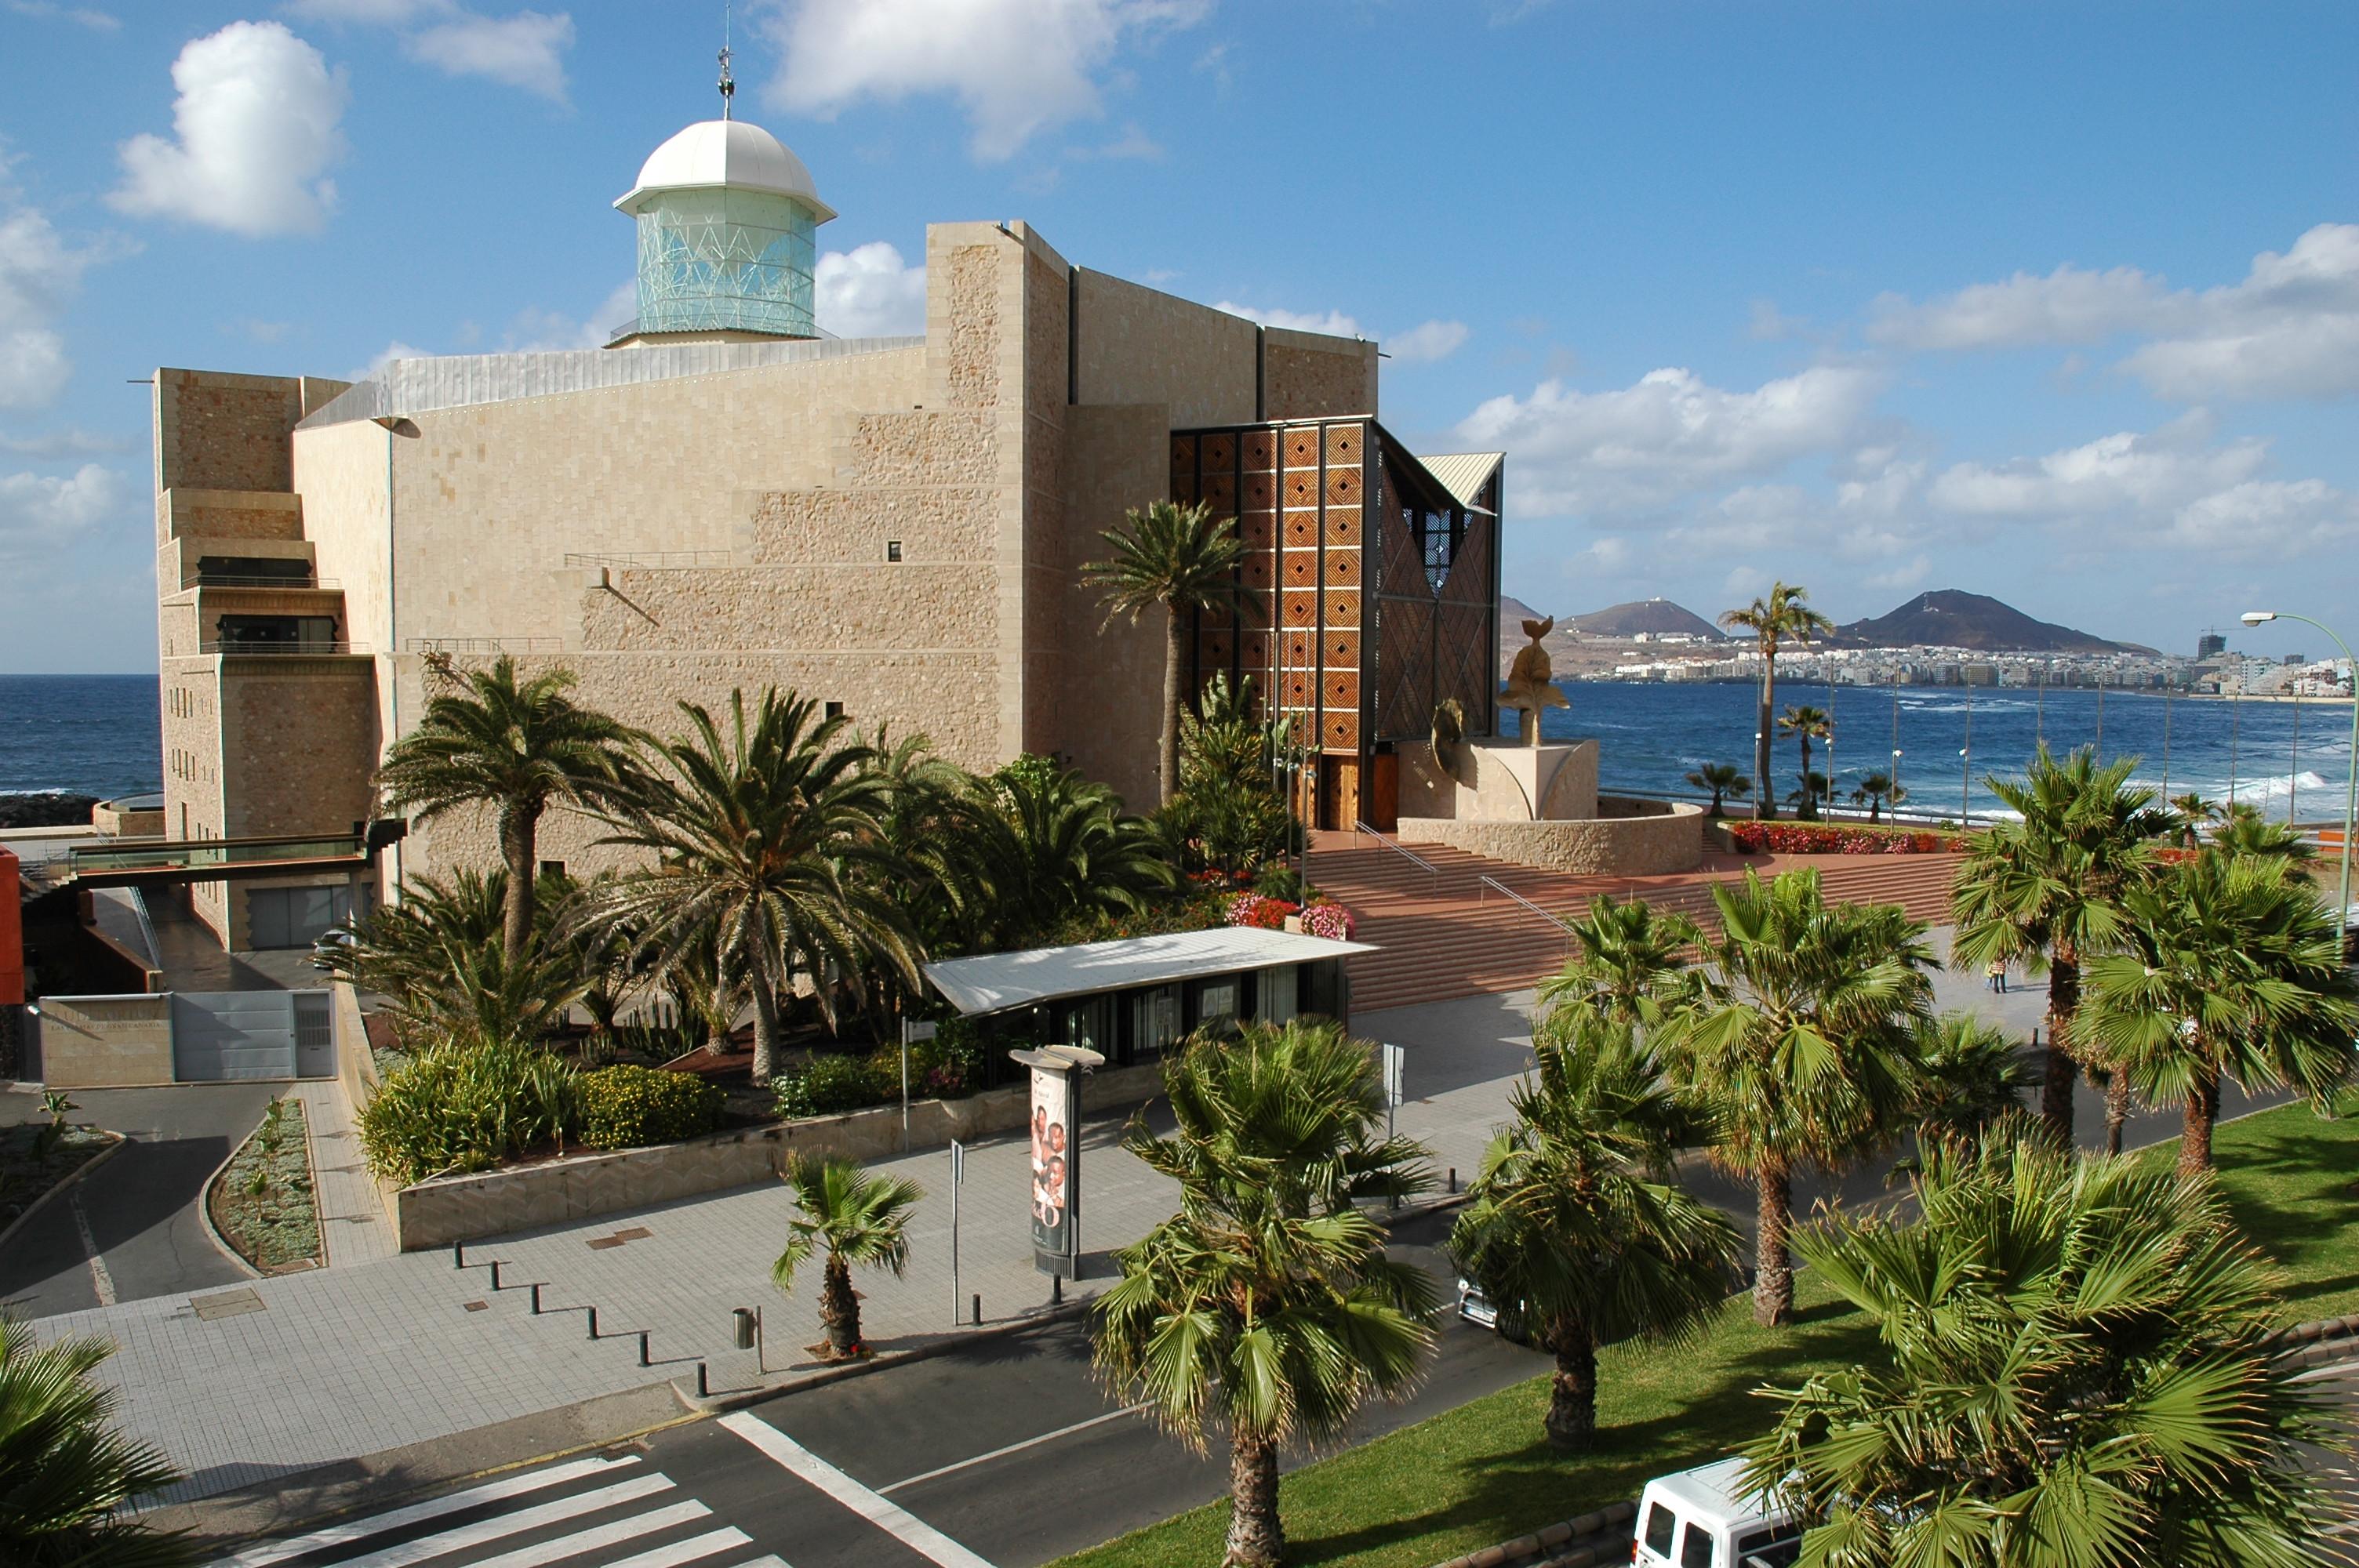 Muestranos en fotos tu ciudad p gina 3 off topic - Casa del mar las palmas ...